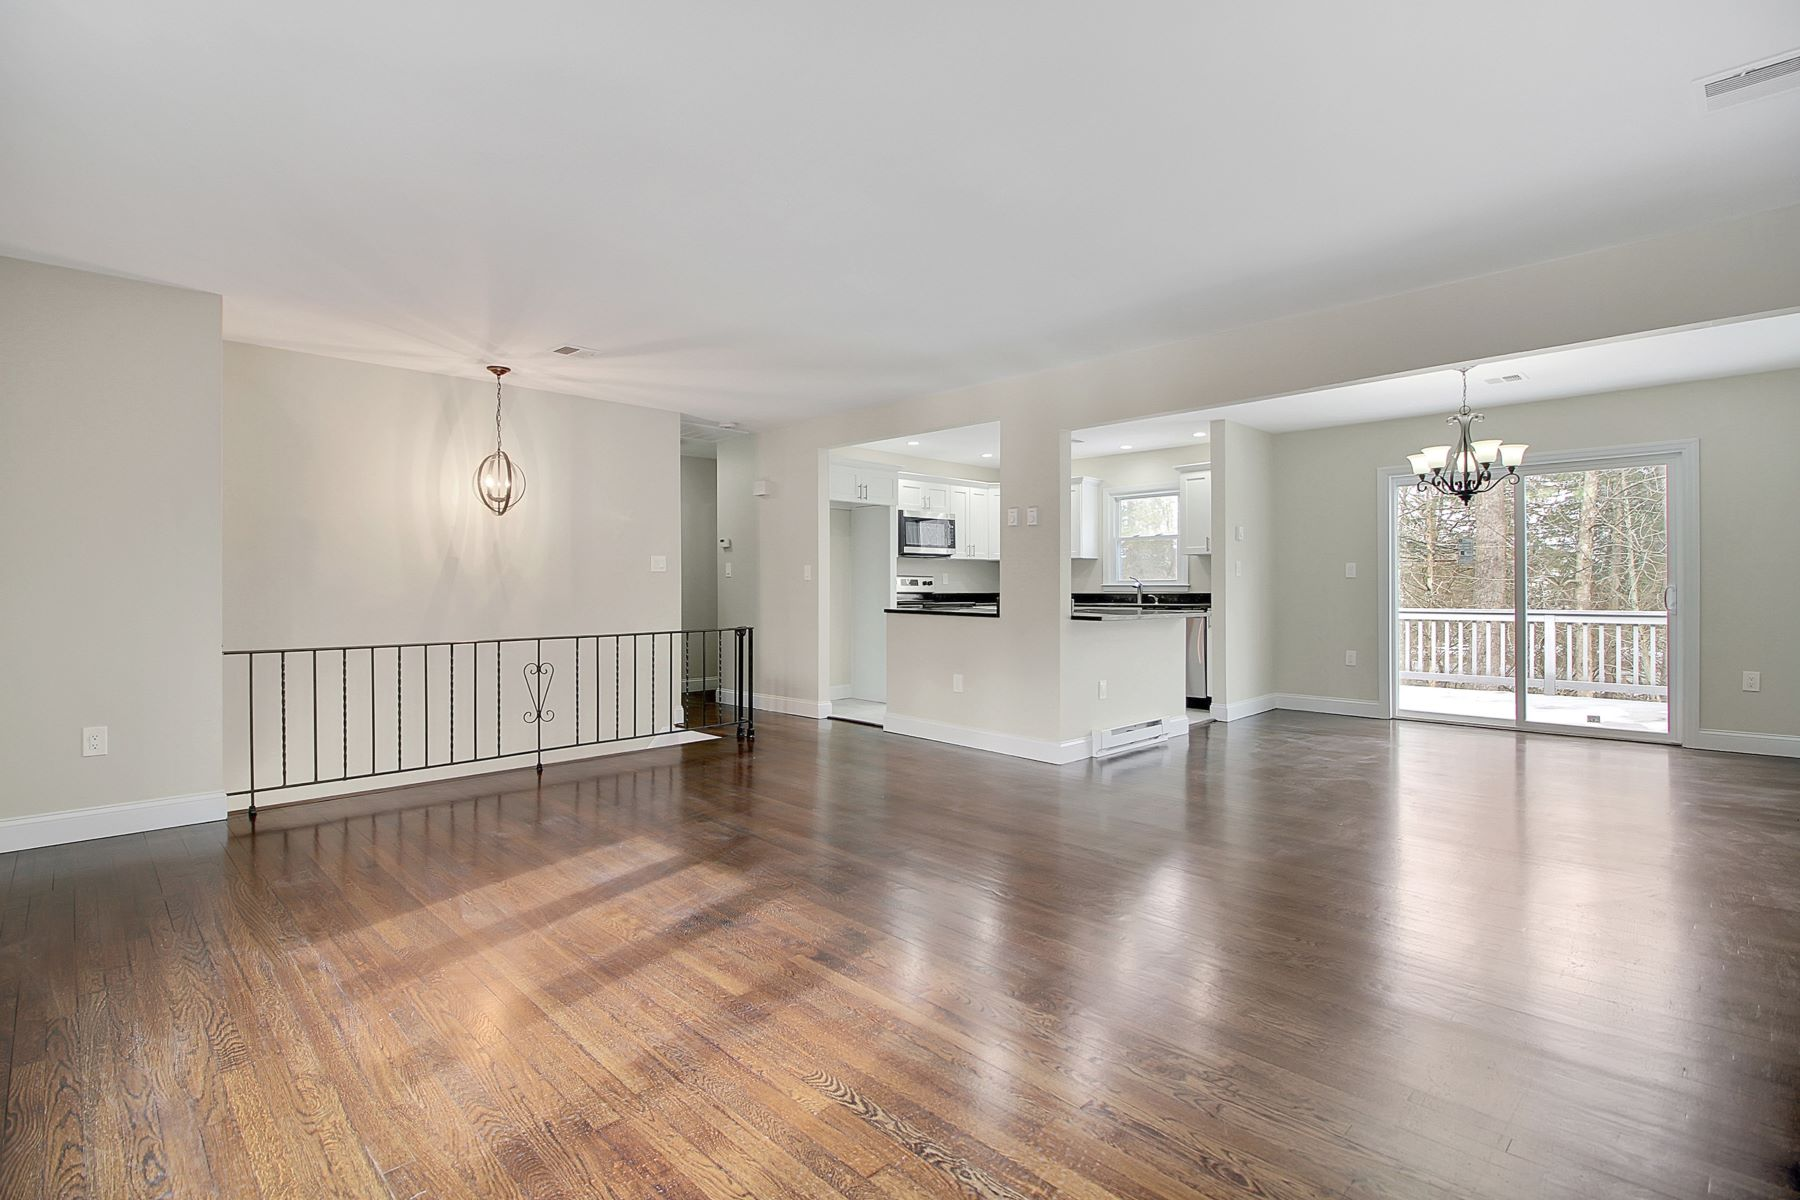 Tek Ailelik Ev için Satış at Gorgeous Remodeled Home 12 Crescent Road, Andover, New Jersey 07821 Amerika Birleşik Devletleri